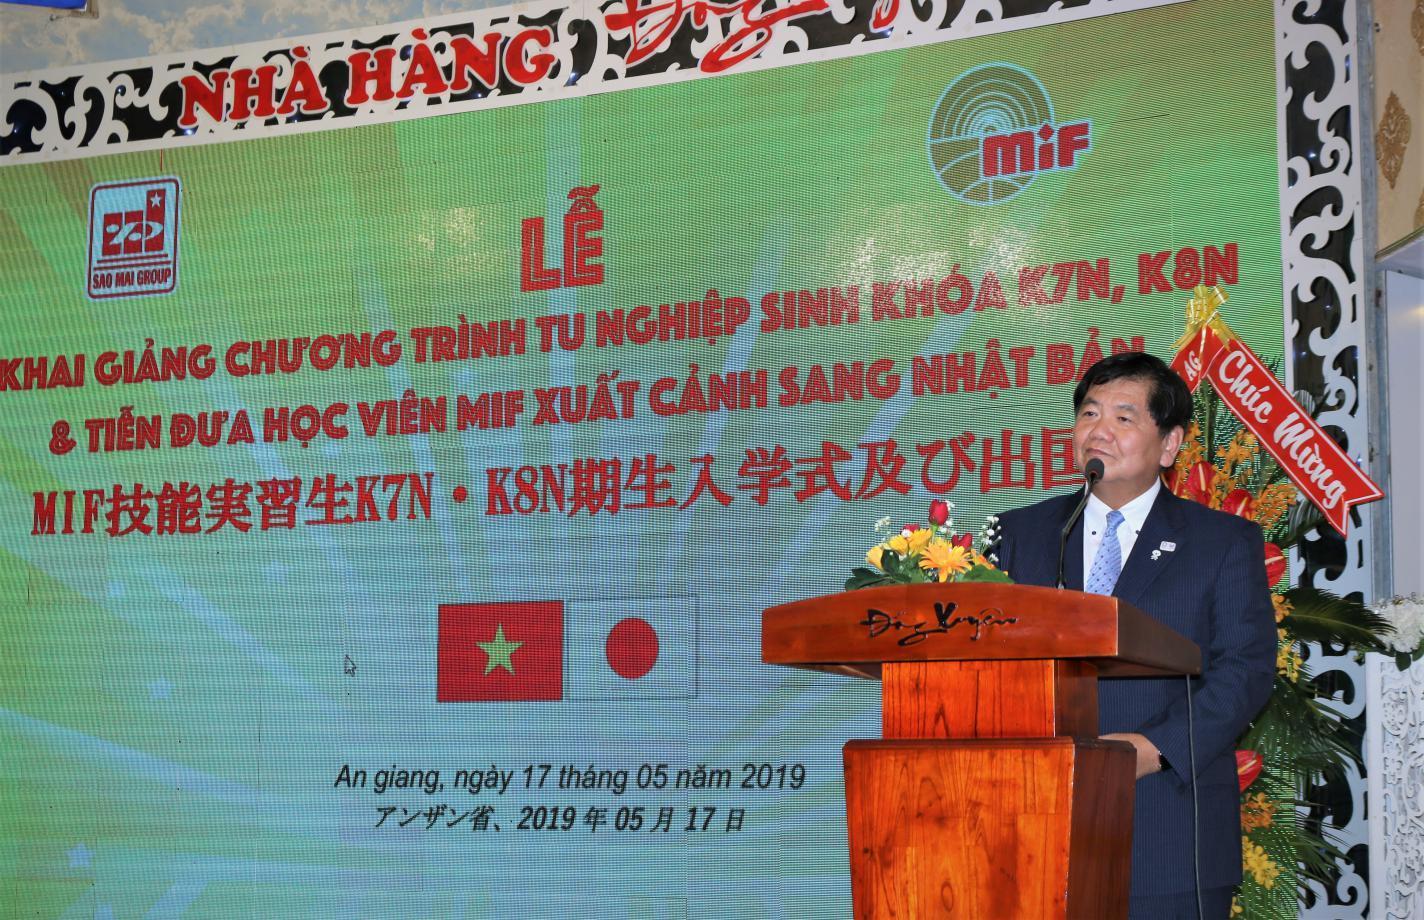 2. Ông Mitsugu Shinke - Giám đốc công ty Mjk Minshu Jigyo Kyodo - Kumiai đánh cao về chất lượng đào tạo tu nghiệp sinh của công ty MIF và cam kết sẽ hợp tác lâu dài